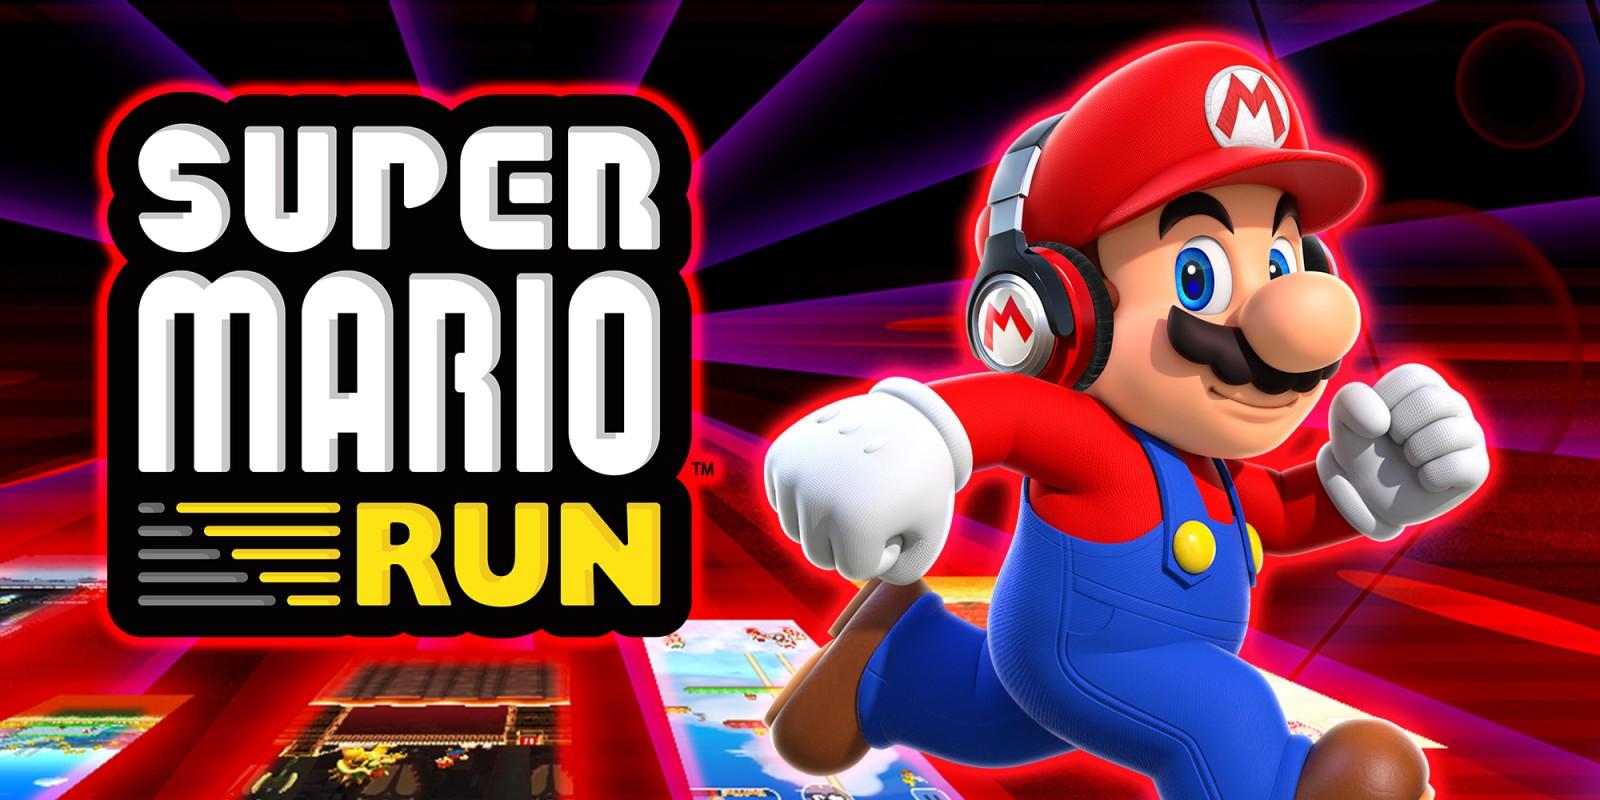 Nova atualização de Super Mario Run agora só permite compatibilidade com dispositivos Android nas versões 4.4 em diante